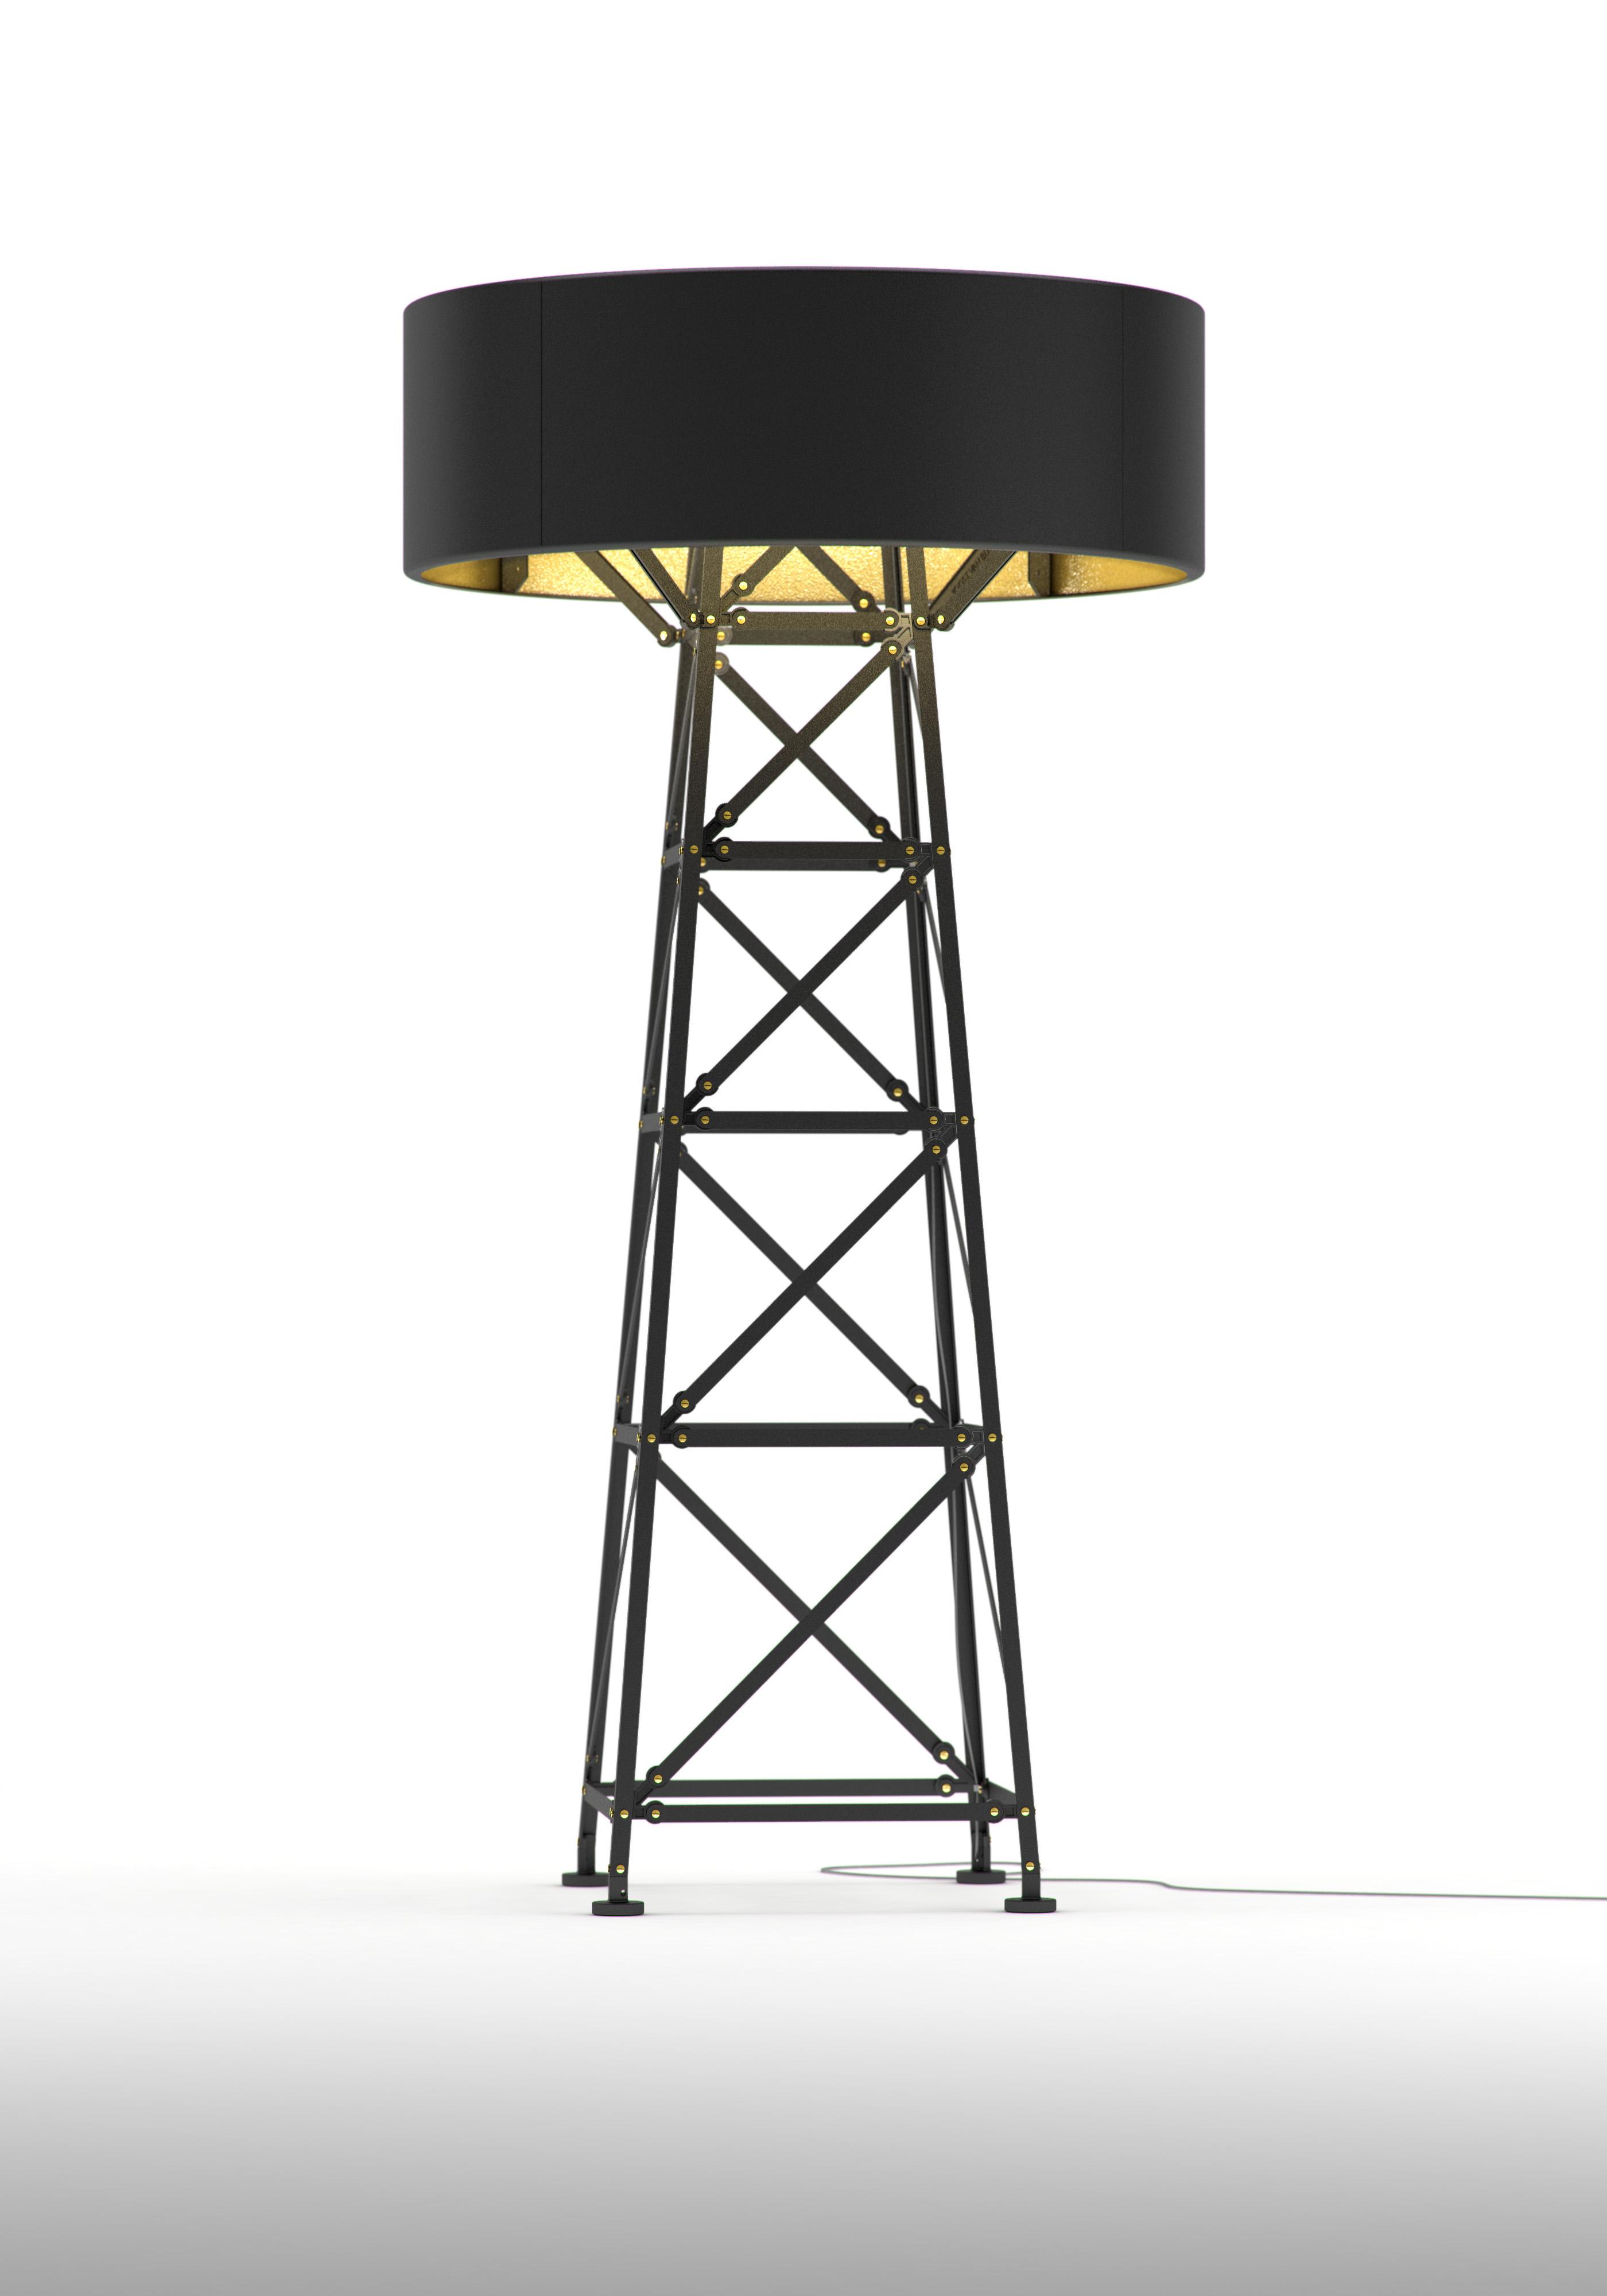 Construction Lamp mat zwart  L 180 van Joost van Bleiswijk voor Moooi